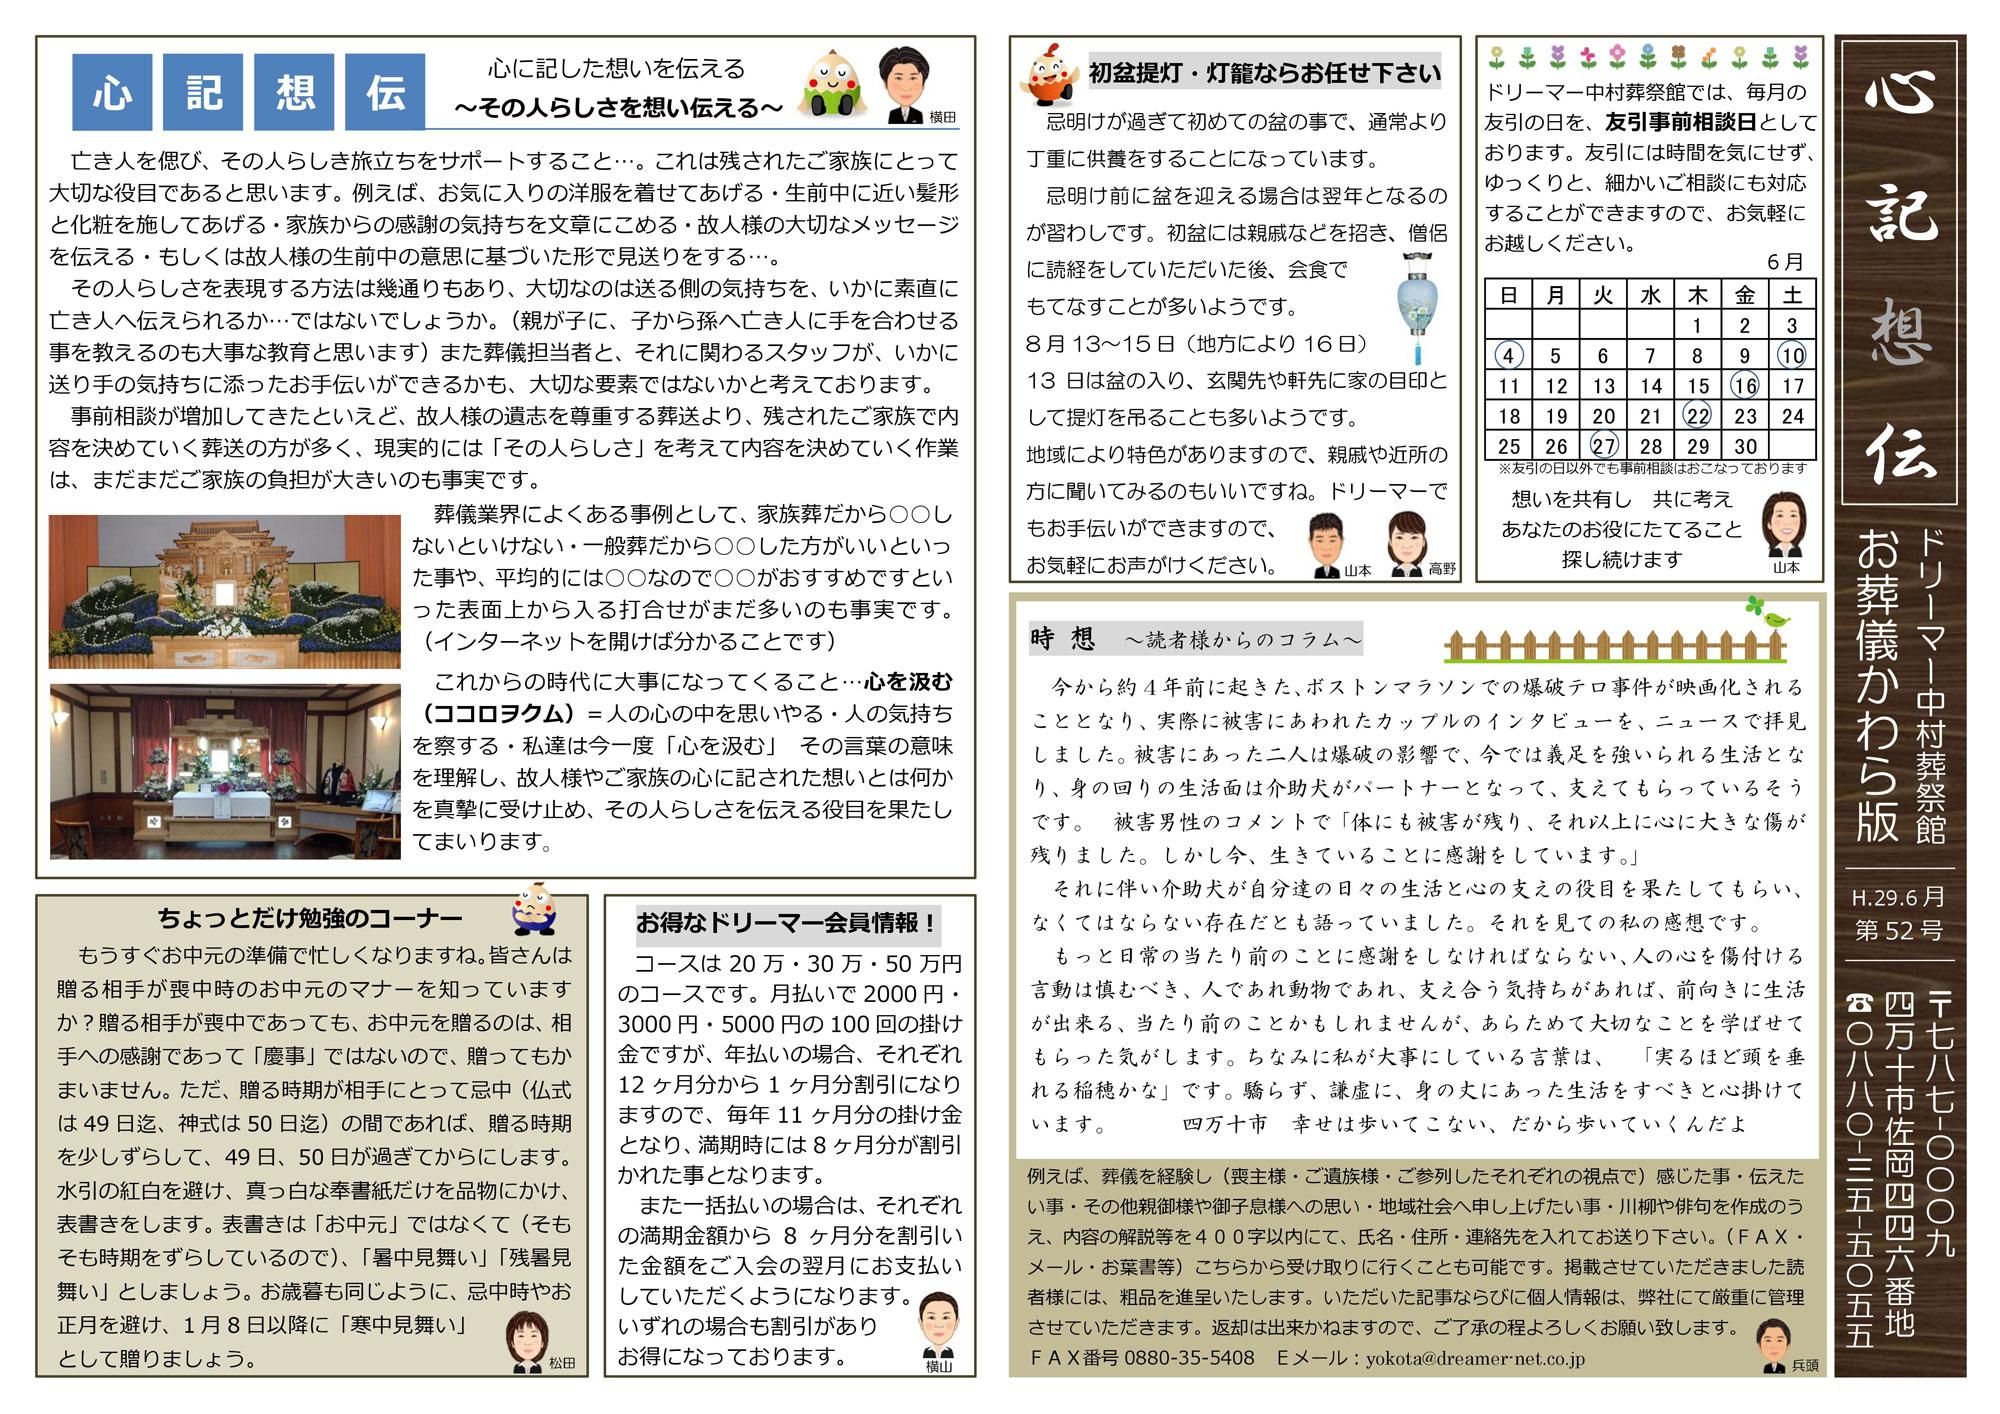 【四万十】葬儀かわら版52号_表|高知県四万十市の葬儀式場|株式会社ドリーマー